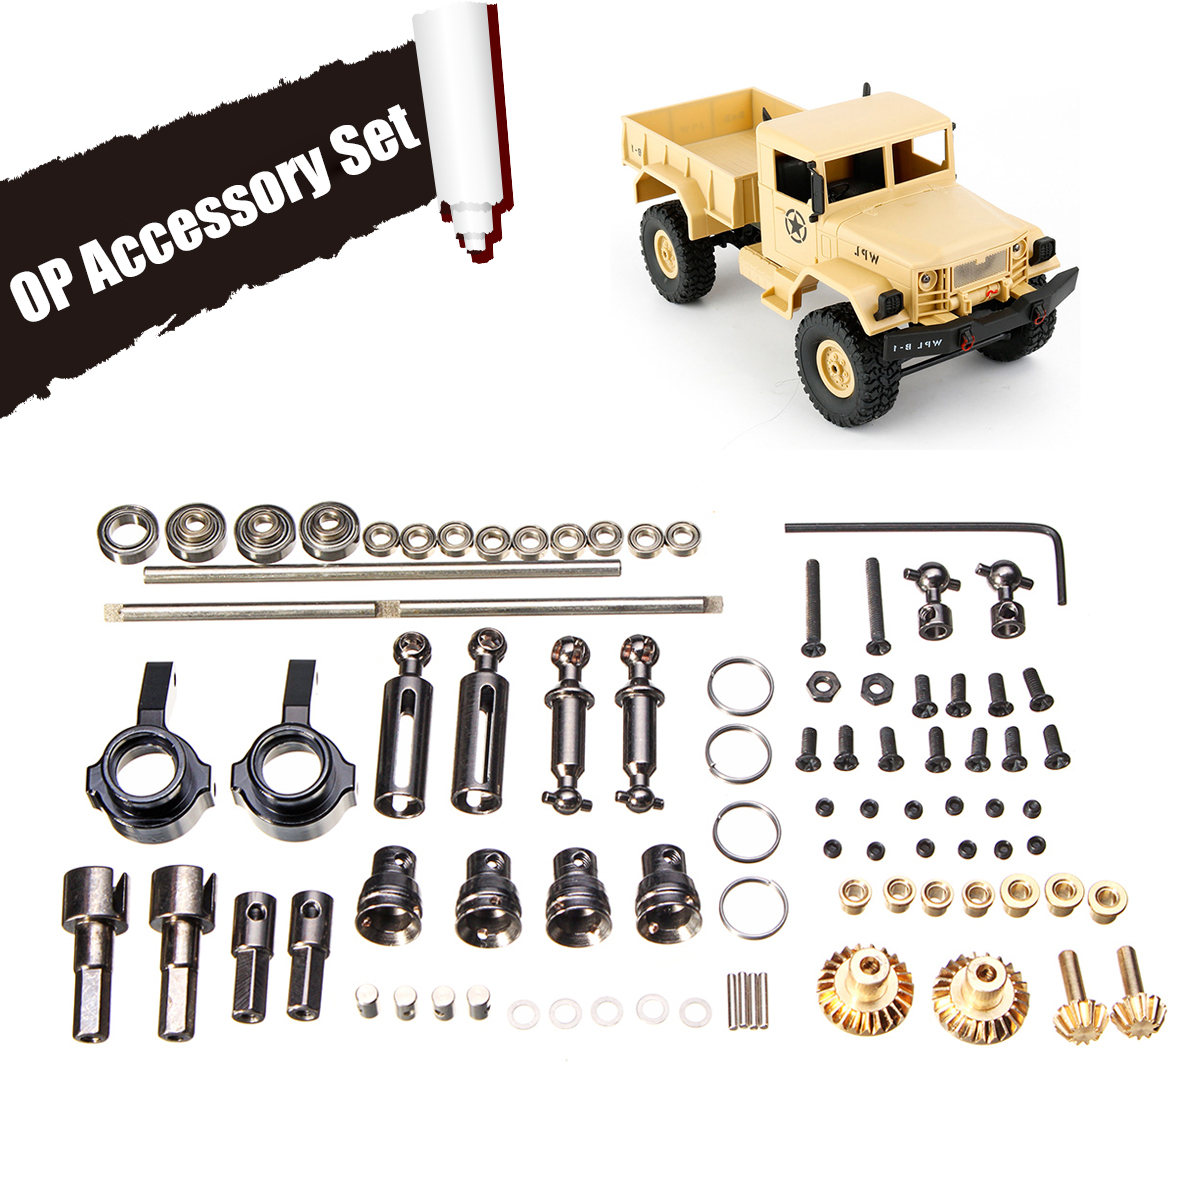 Обновление Metal OP набор аксессуаров для WPL RC автомобиль B1 B14 B24 C14 C24 1/16 4WD военный грузовик RC автомобилей запасные части комплект идеально подхо...